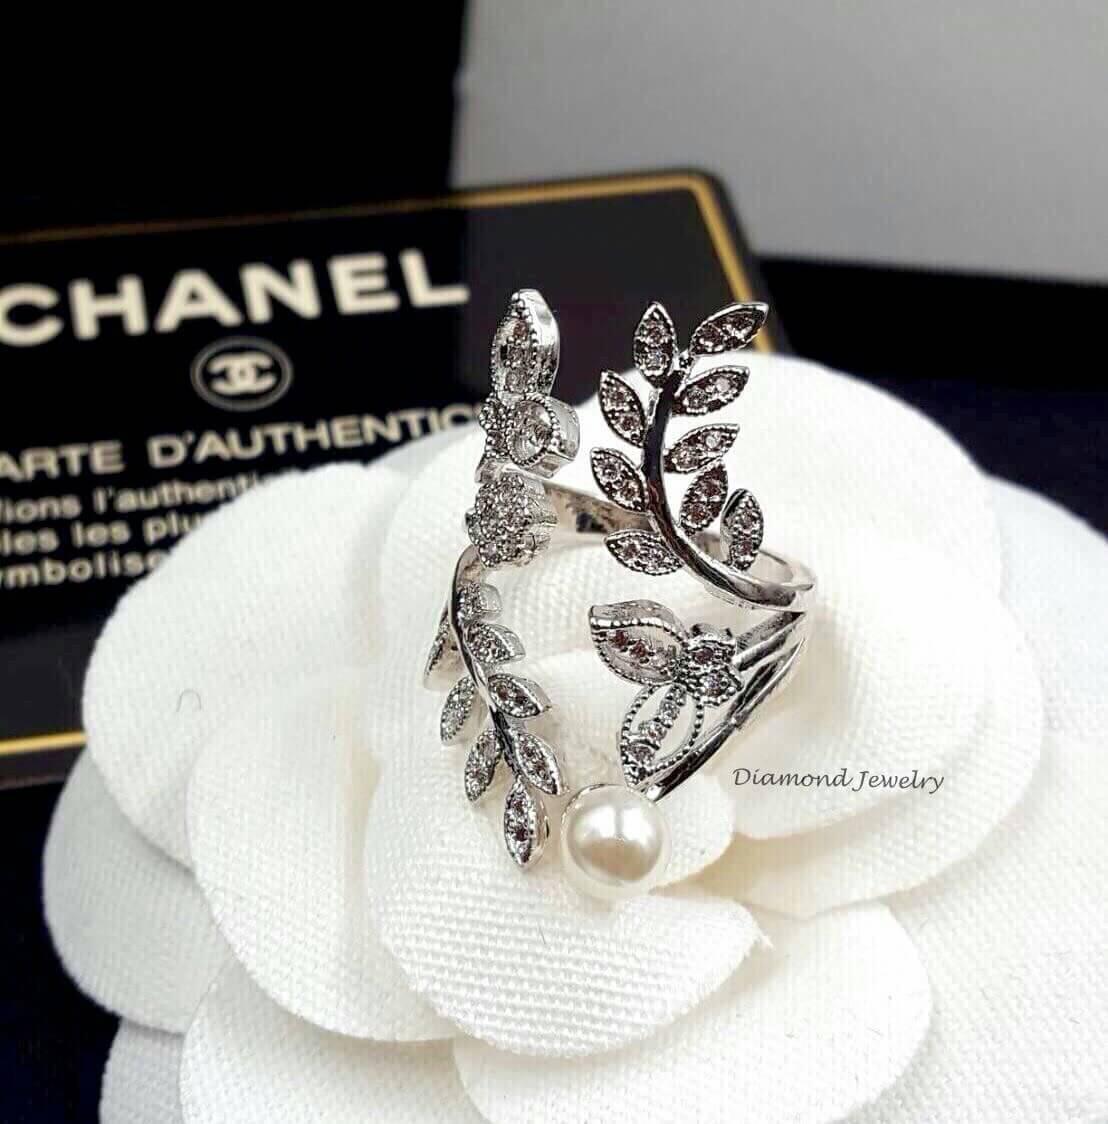 พร้อมส่ง แหวนใบมะกอกงานสวยกริ๊บ